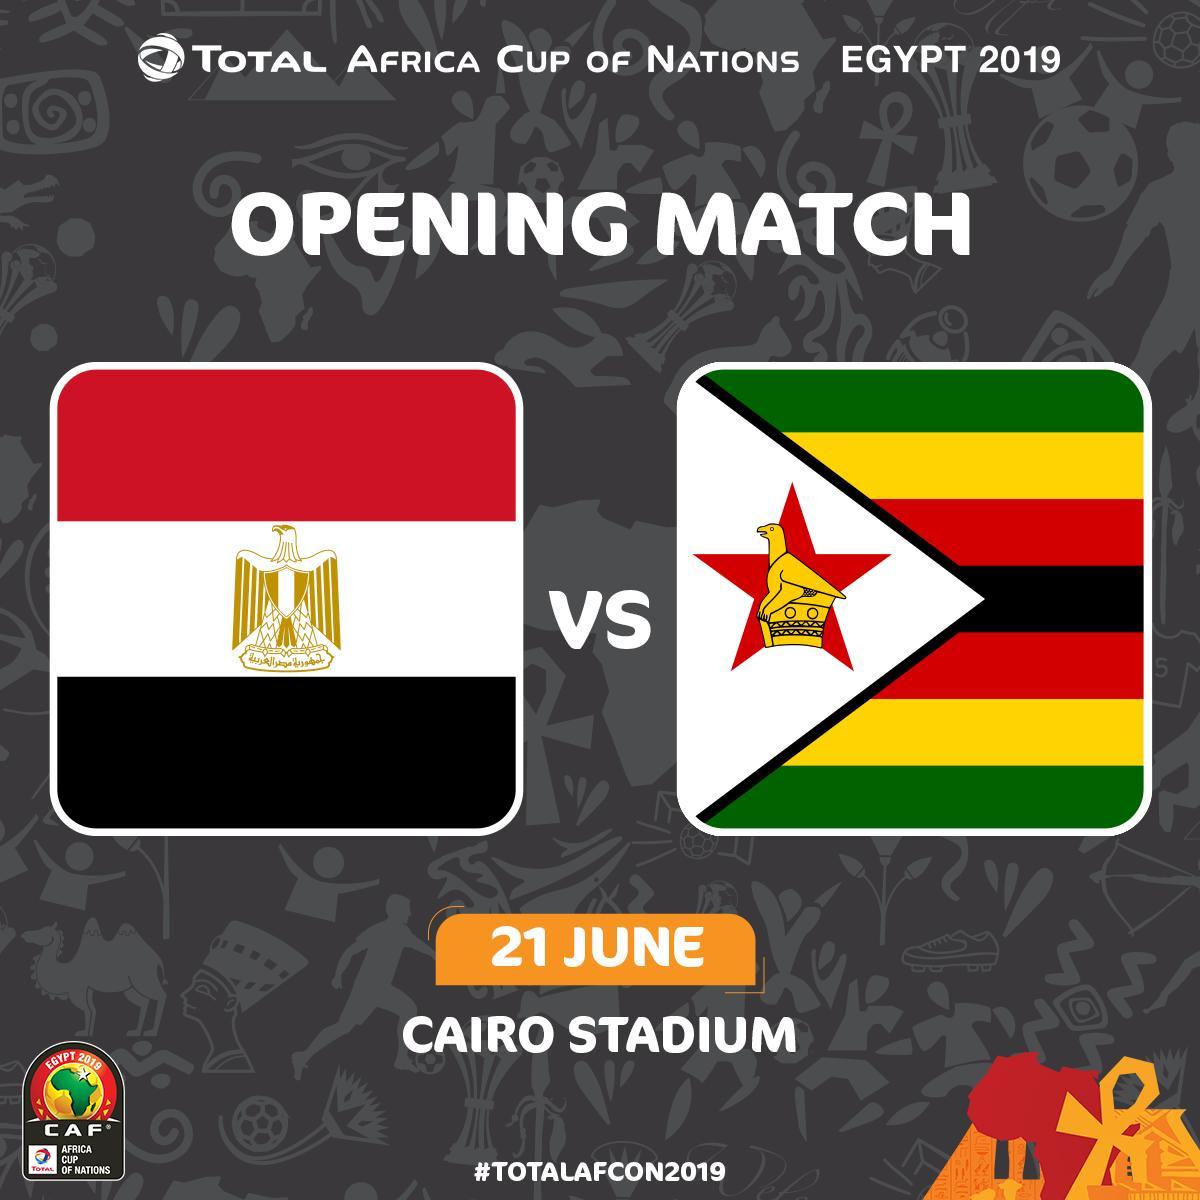 نتيجة اولى مباريات كاس الامم الافريقيه التي تقام بين فريقي مصر وزيمبابوي